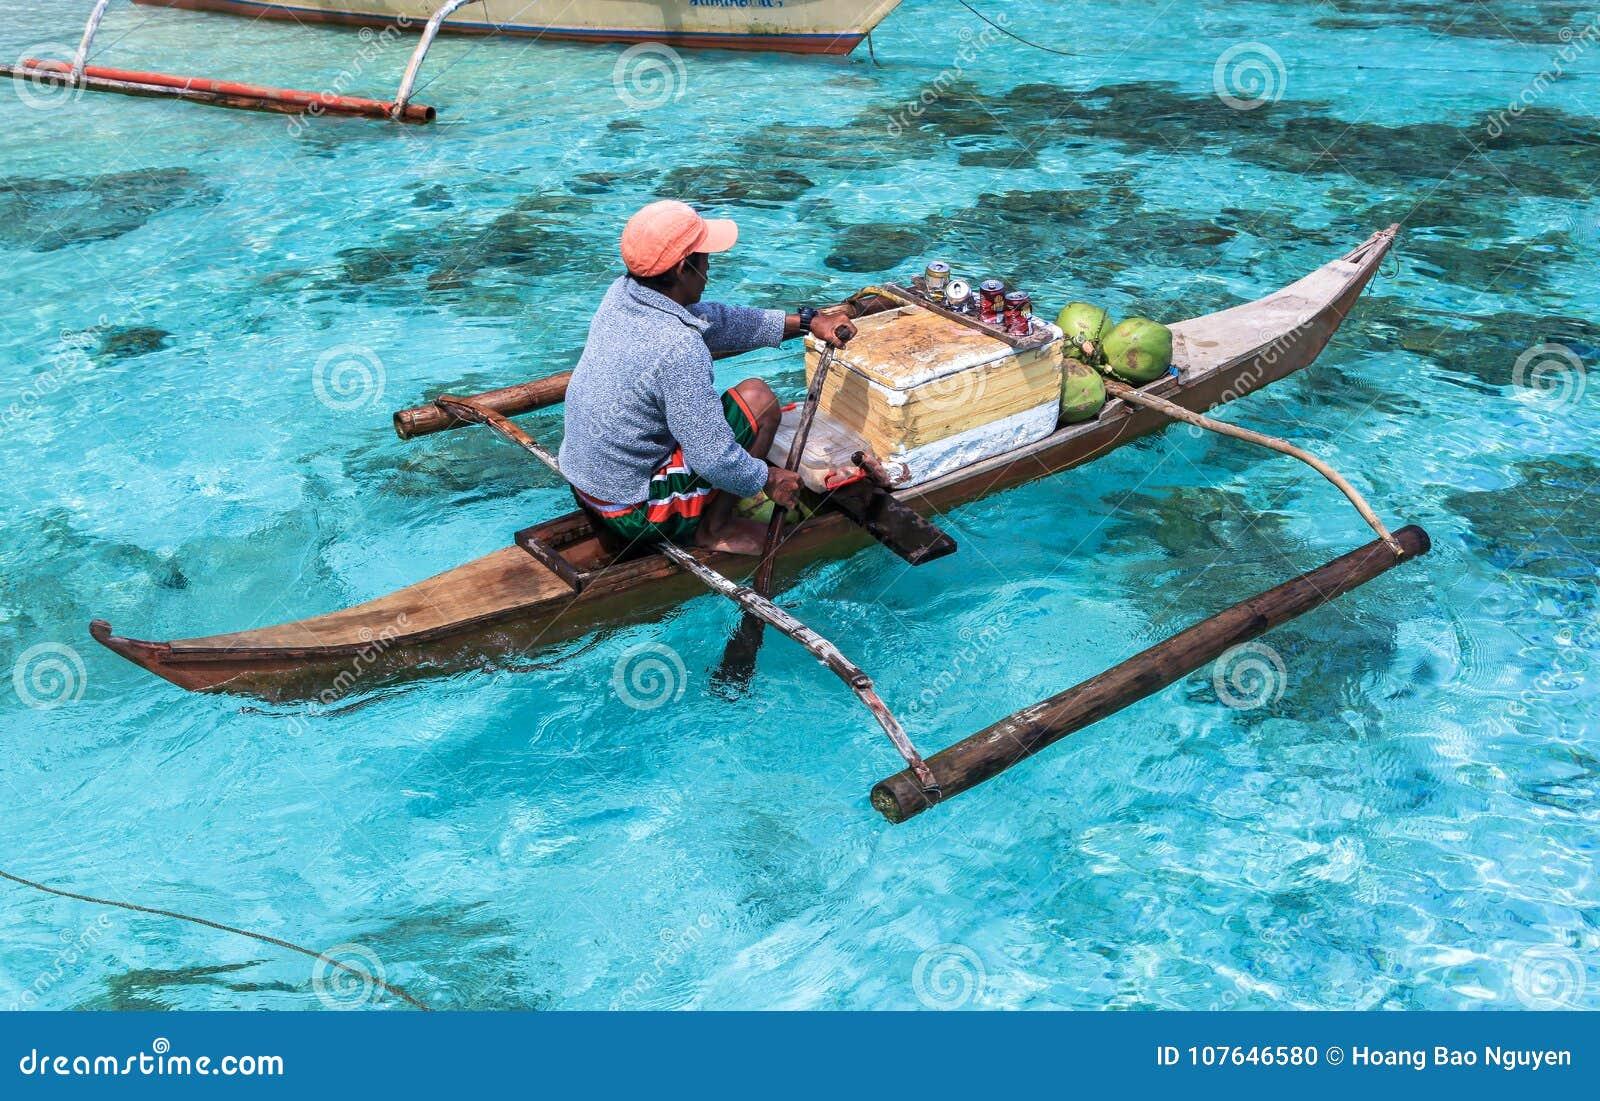 Un homme sur le petit paraw à la mer de l EL Nido, Philippines